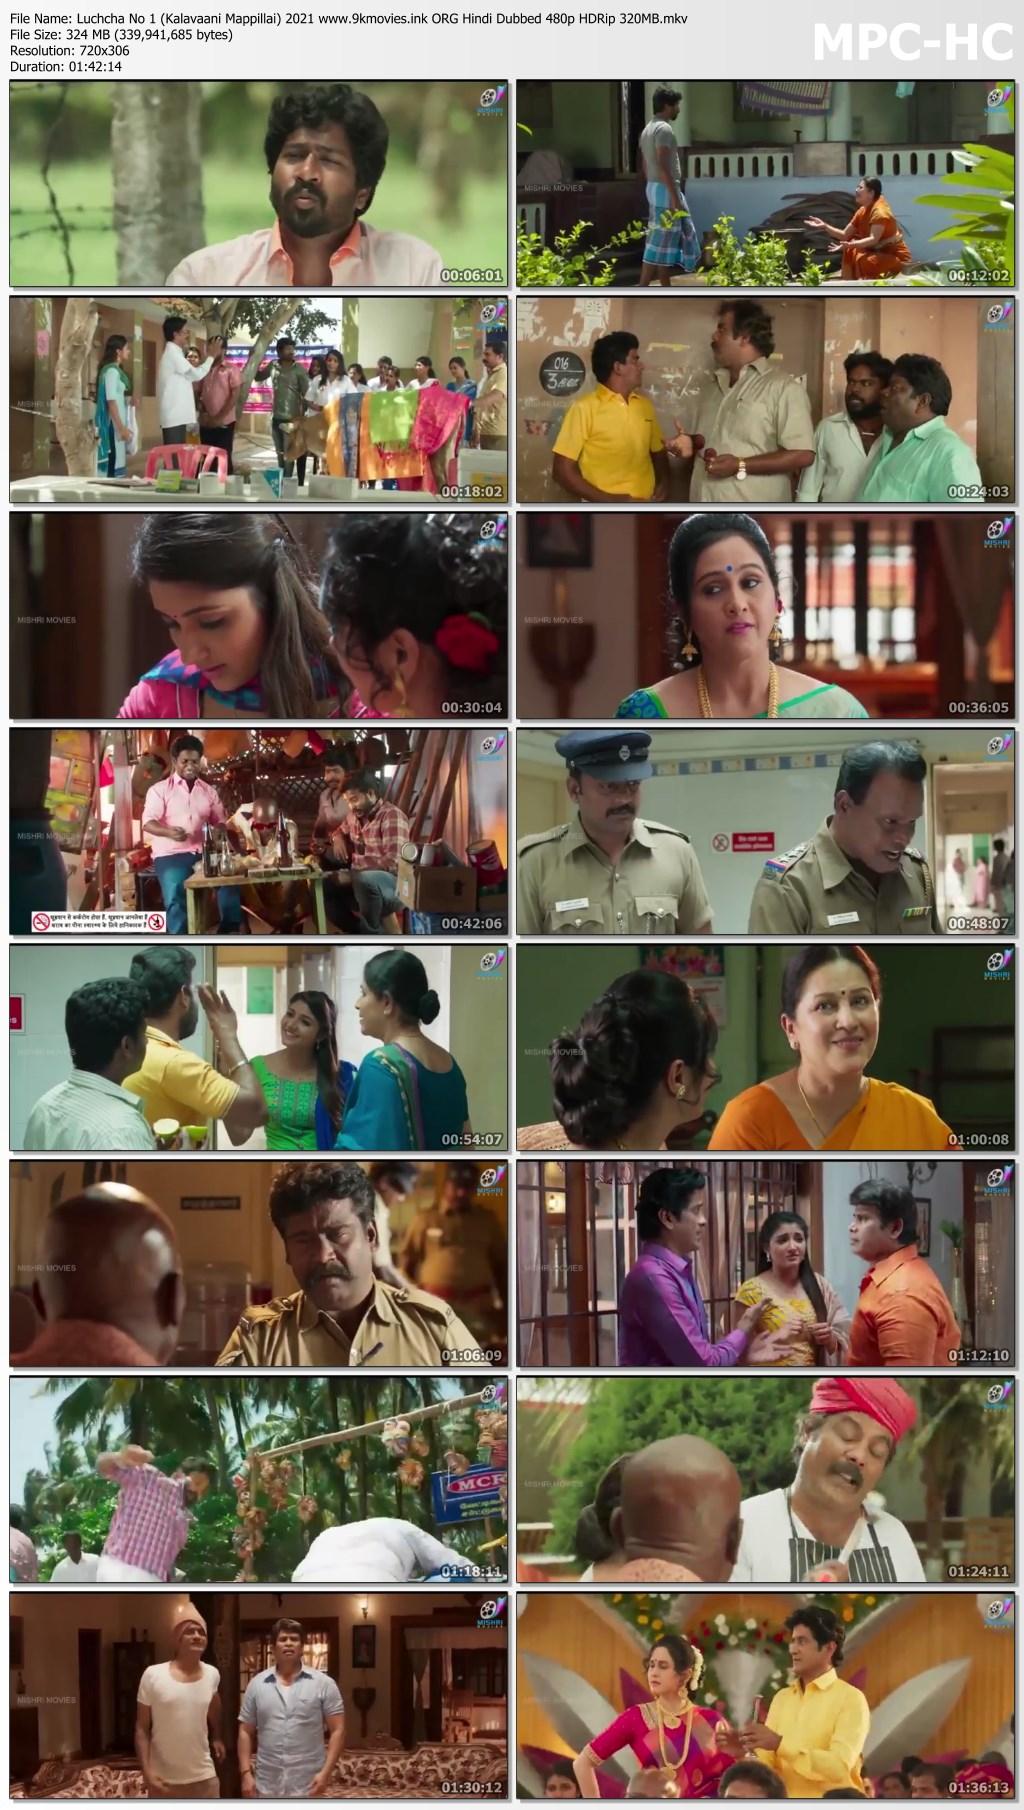 Luchcha No 1 (Kalavaani Mappillai) 2021 ORG Hindi Dubbed 480p HDRip 320MB Download